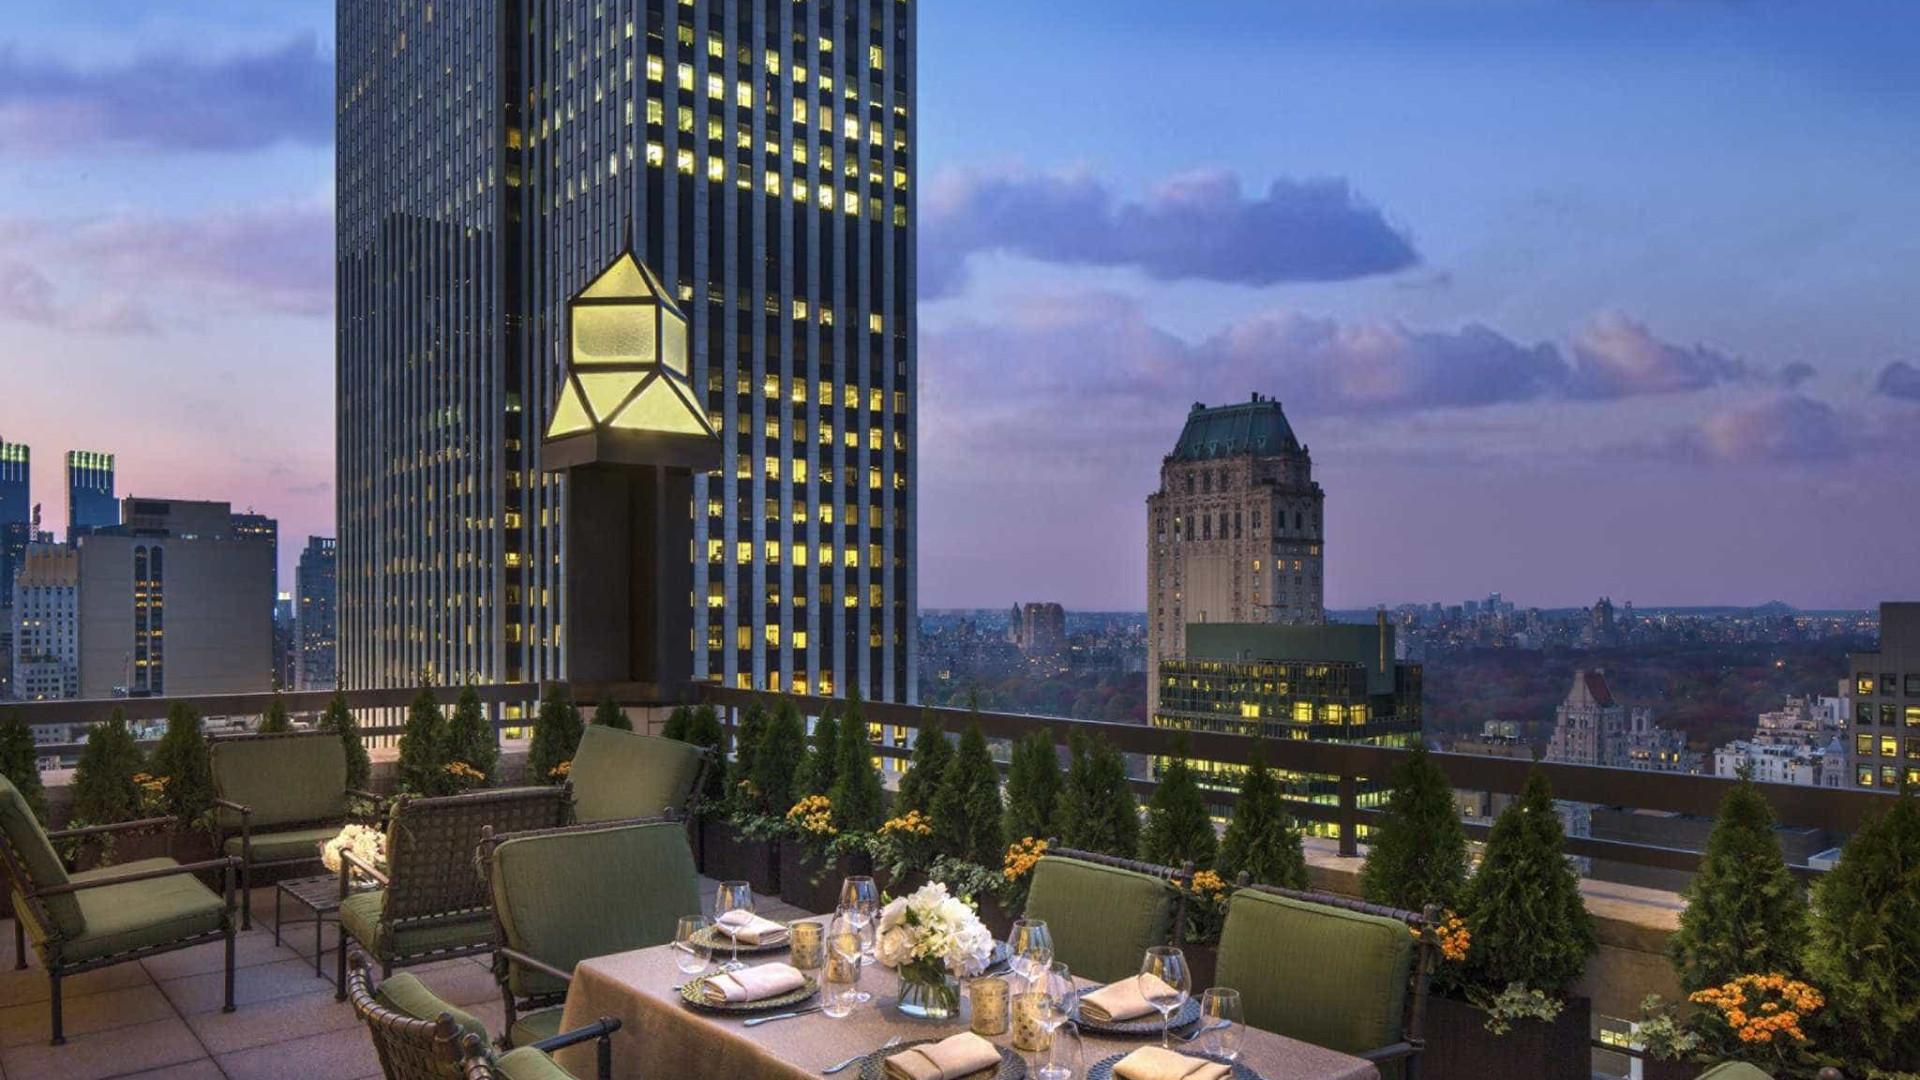 Diárias de hotel onde Temer ficará em NY custam no mínimo R$ 2,7 mil